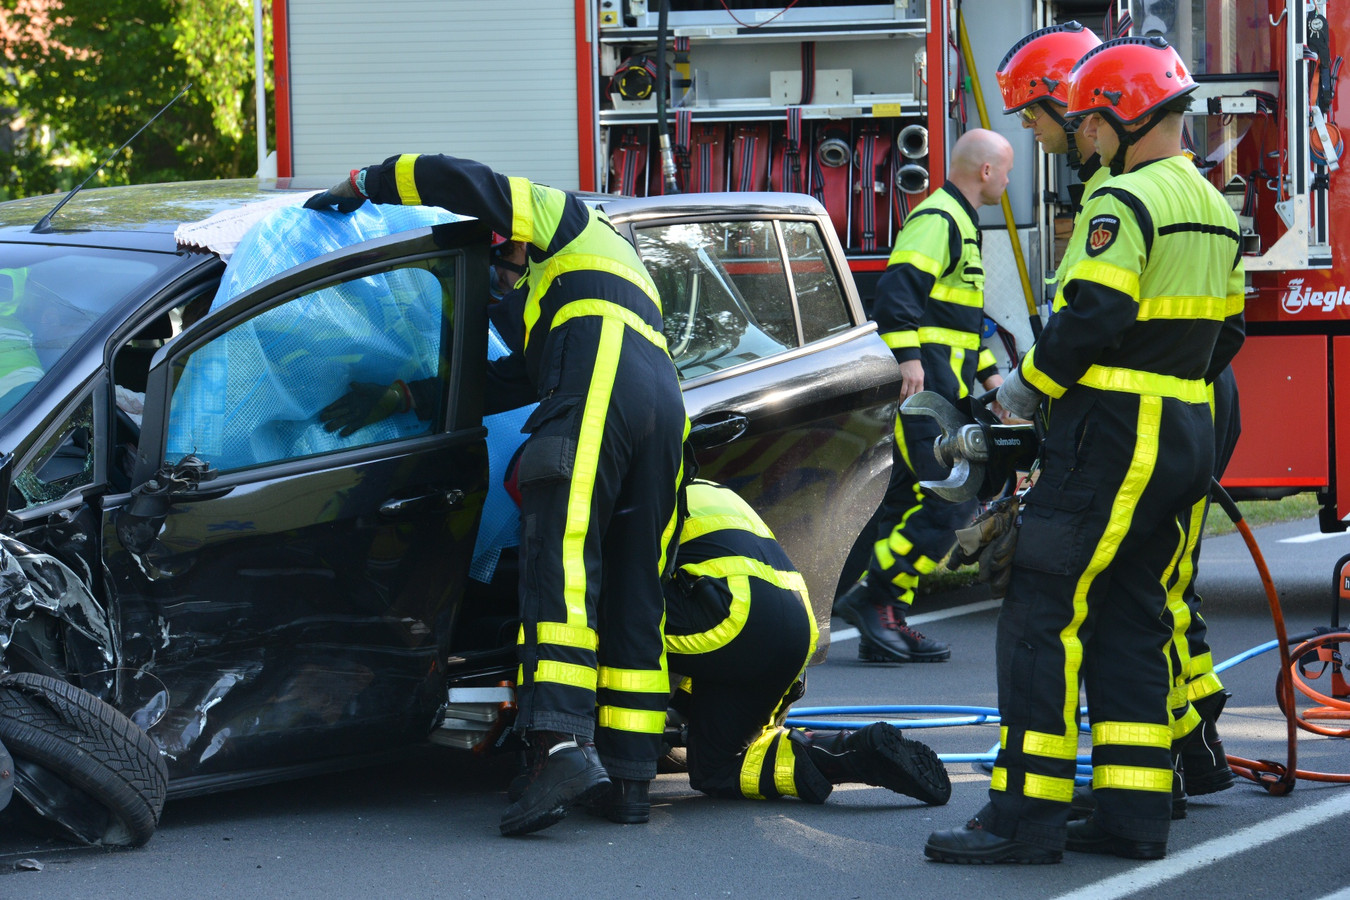 De brandweer bevrijdt de beknelde vrouw uit haar auto in Breda.